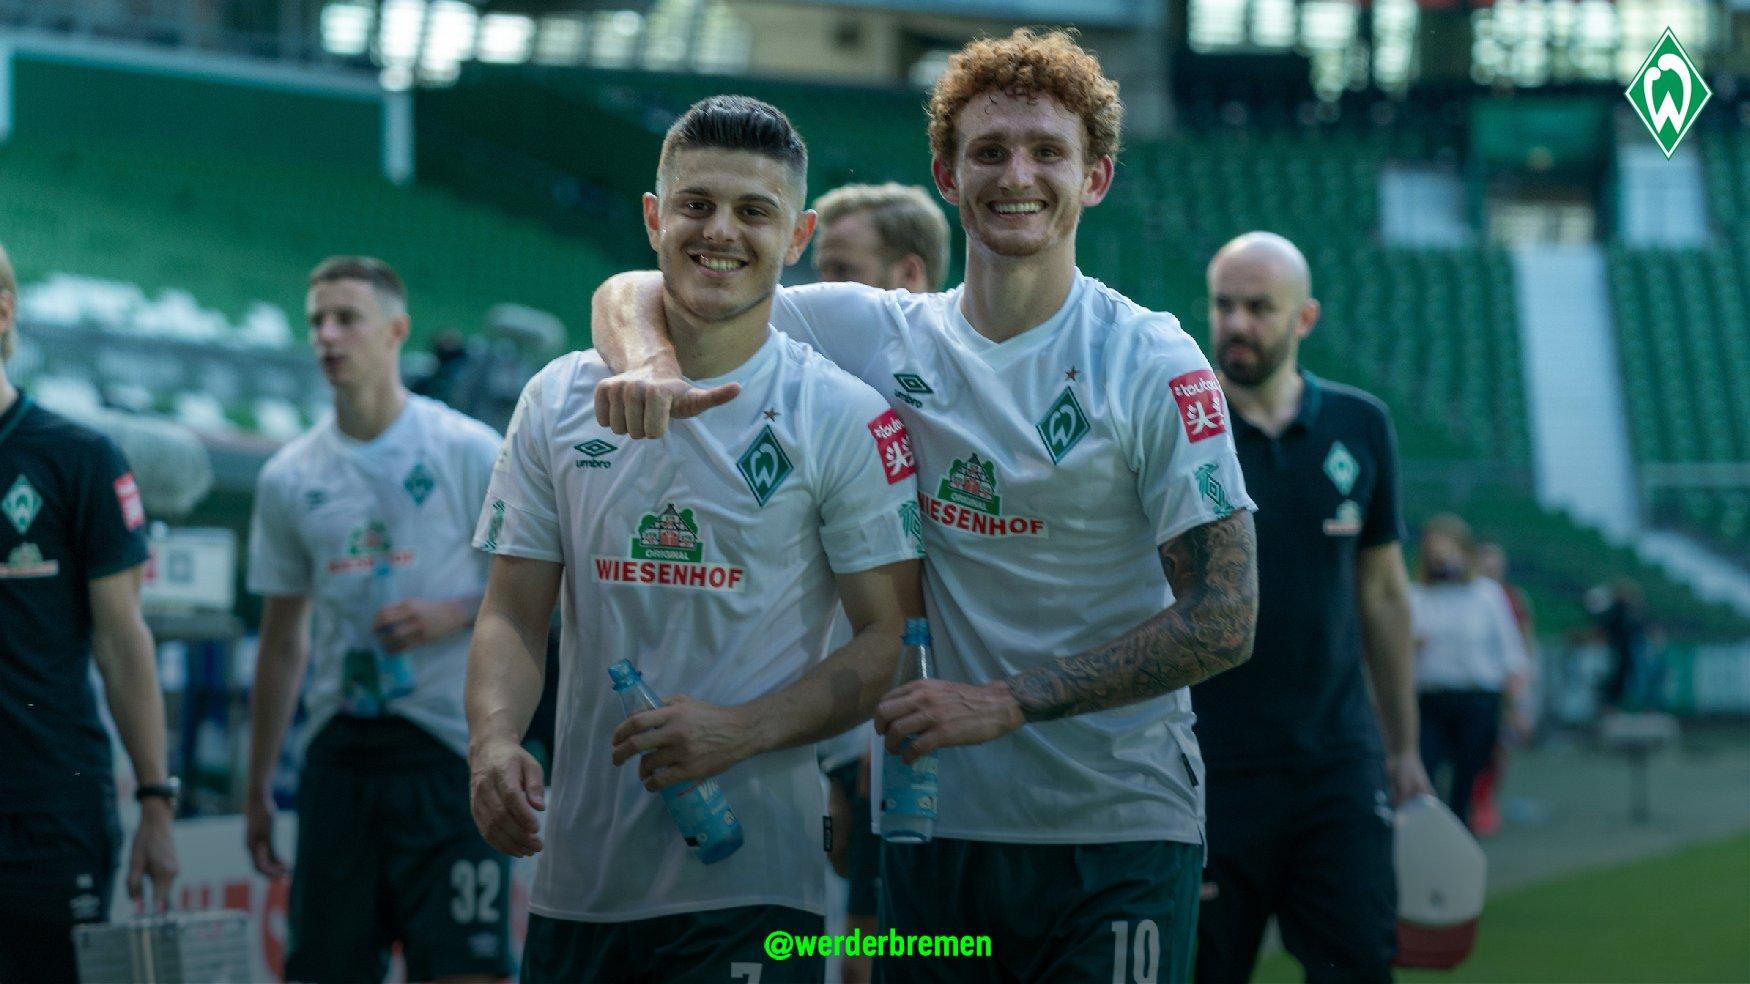 不莱梅此前连续13轮位列德甲降级区,末轮战罢进附加赛